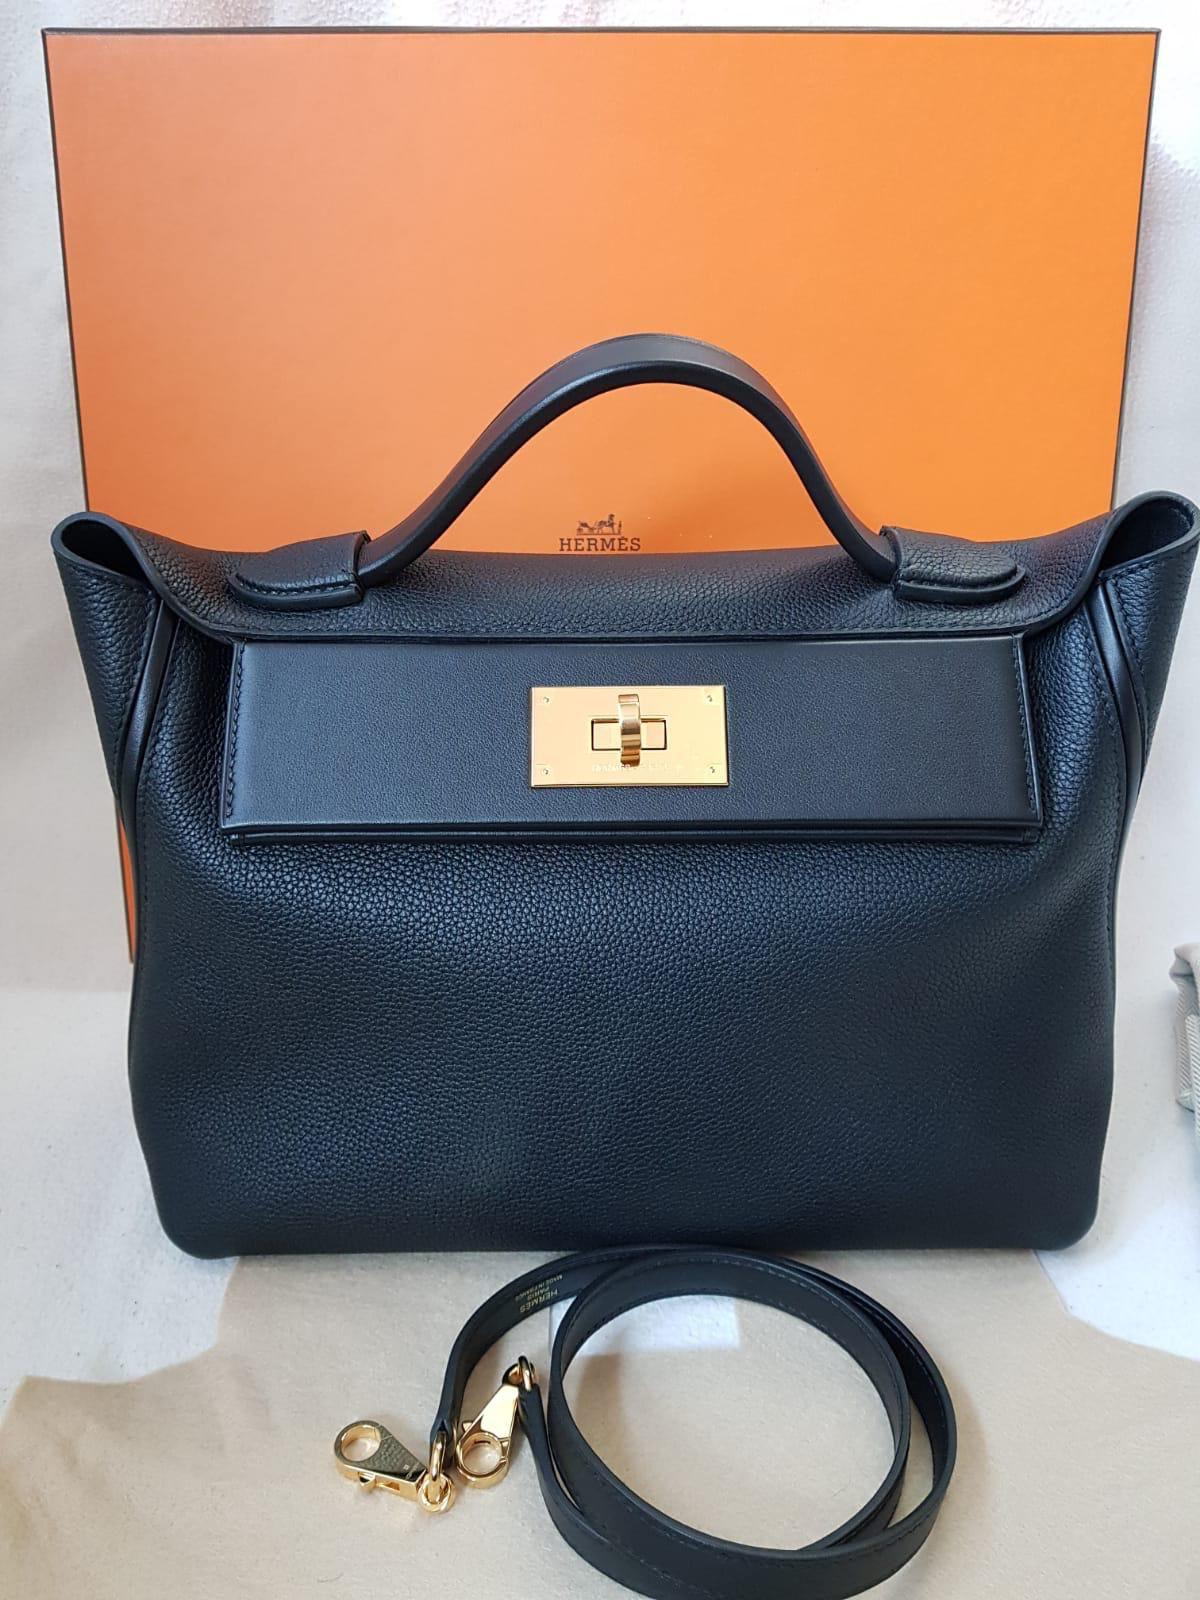 Hermes 24 24 Hermes Handbags, Purses And Handbags, Hermes Bags, Fashion  Handbags b5e90b780d